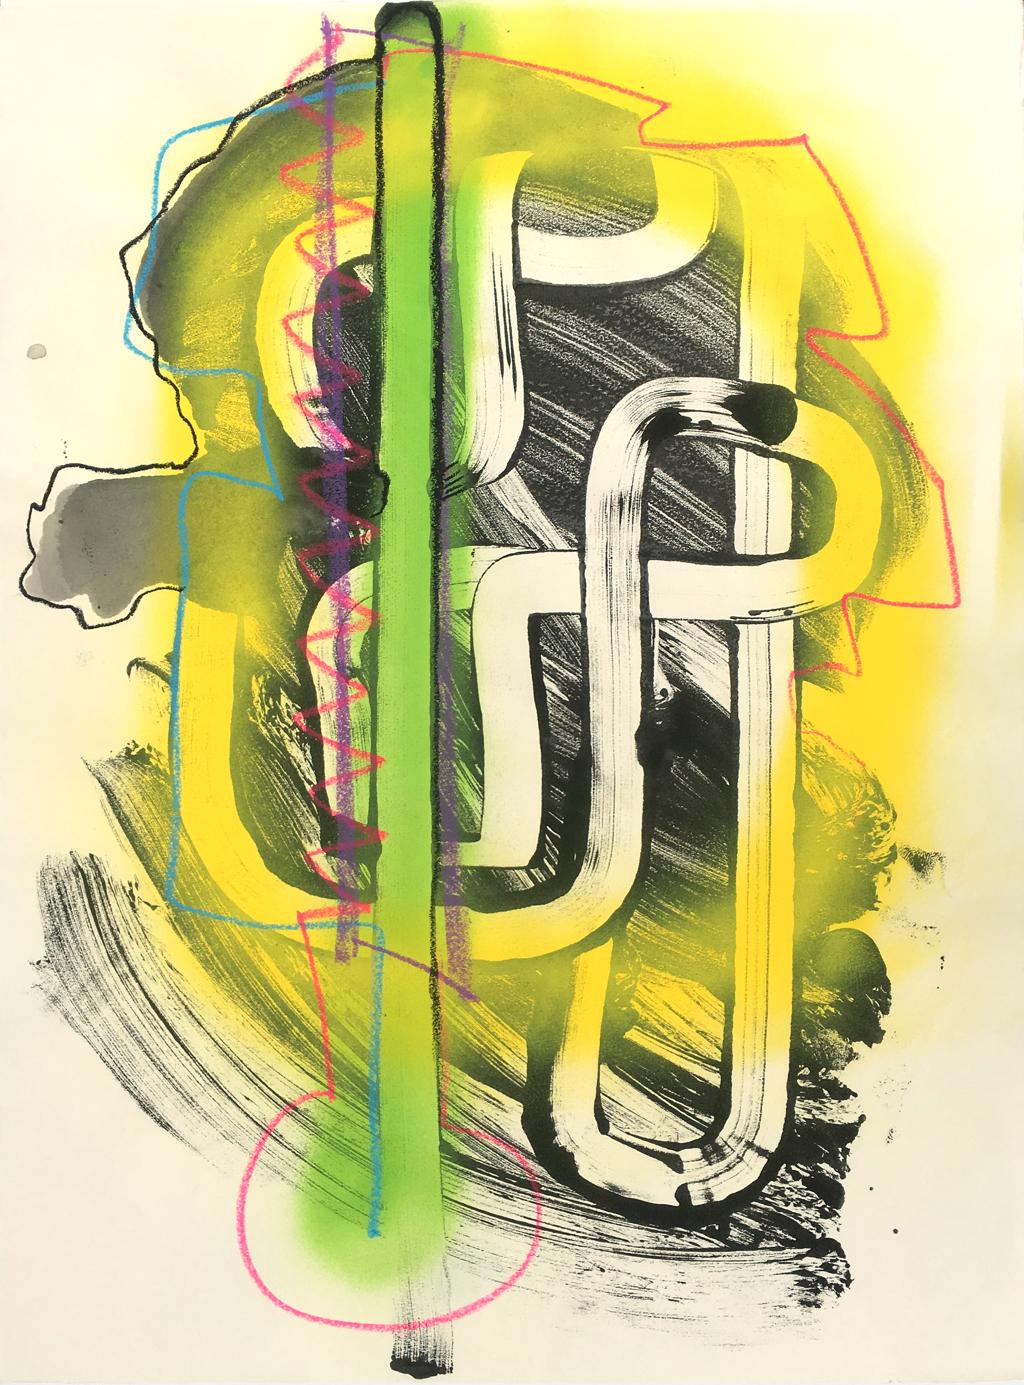 Yellow Glow by Vivian Liddell